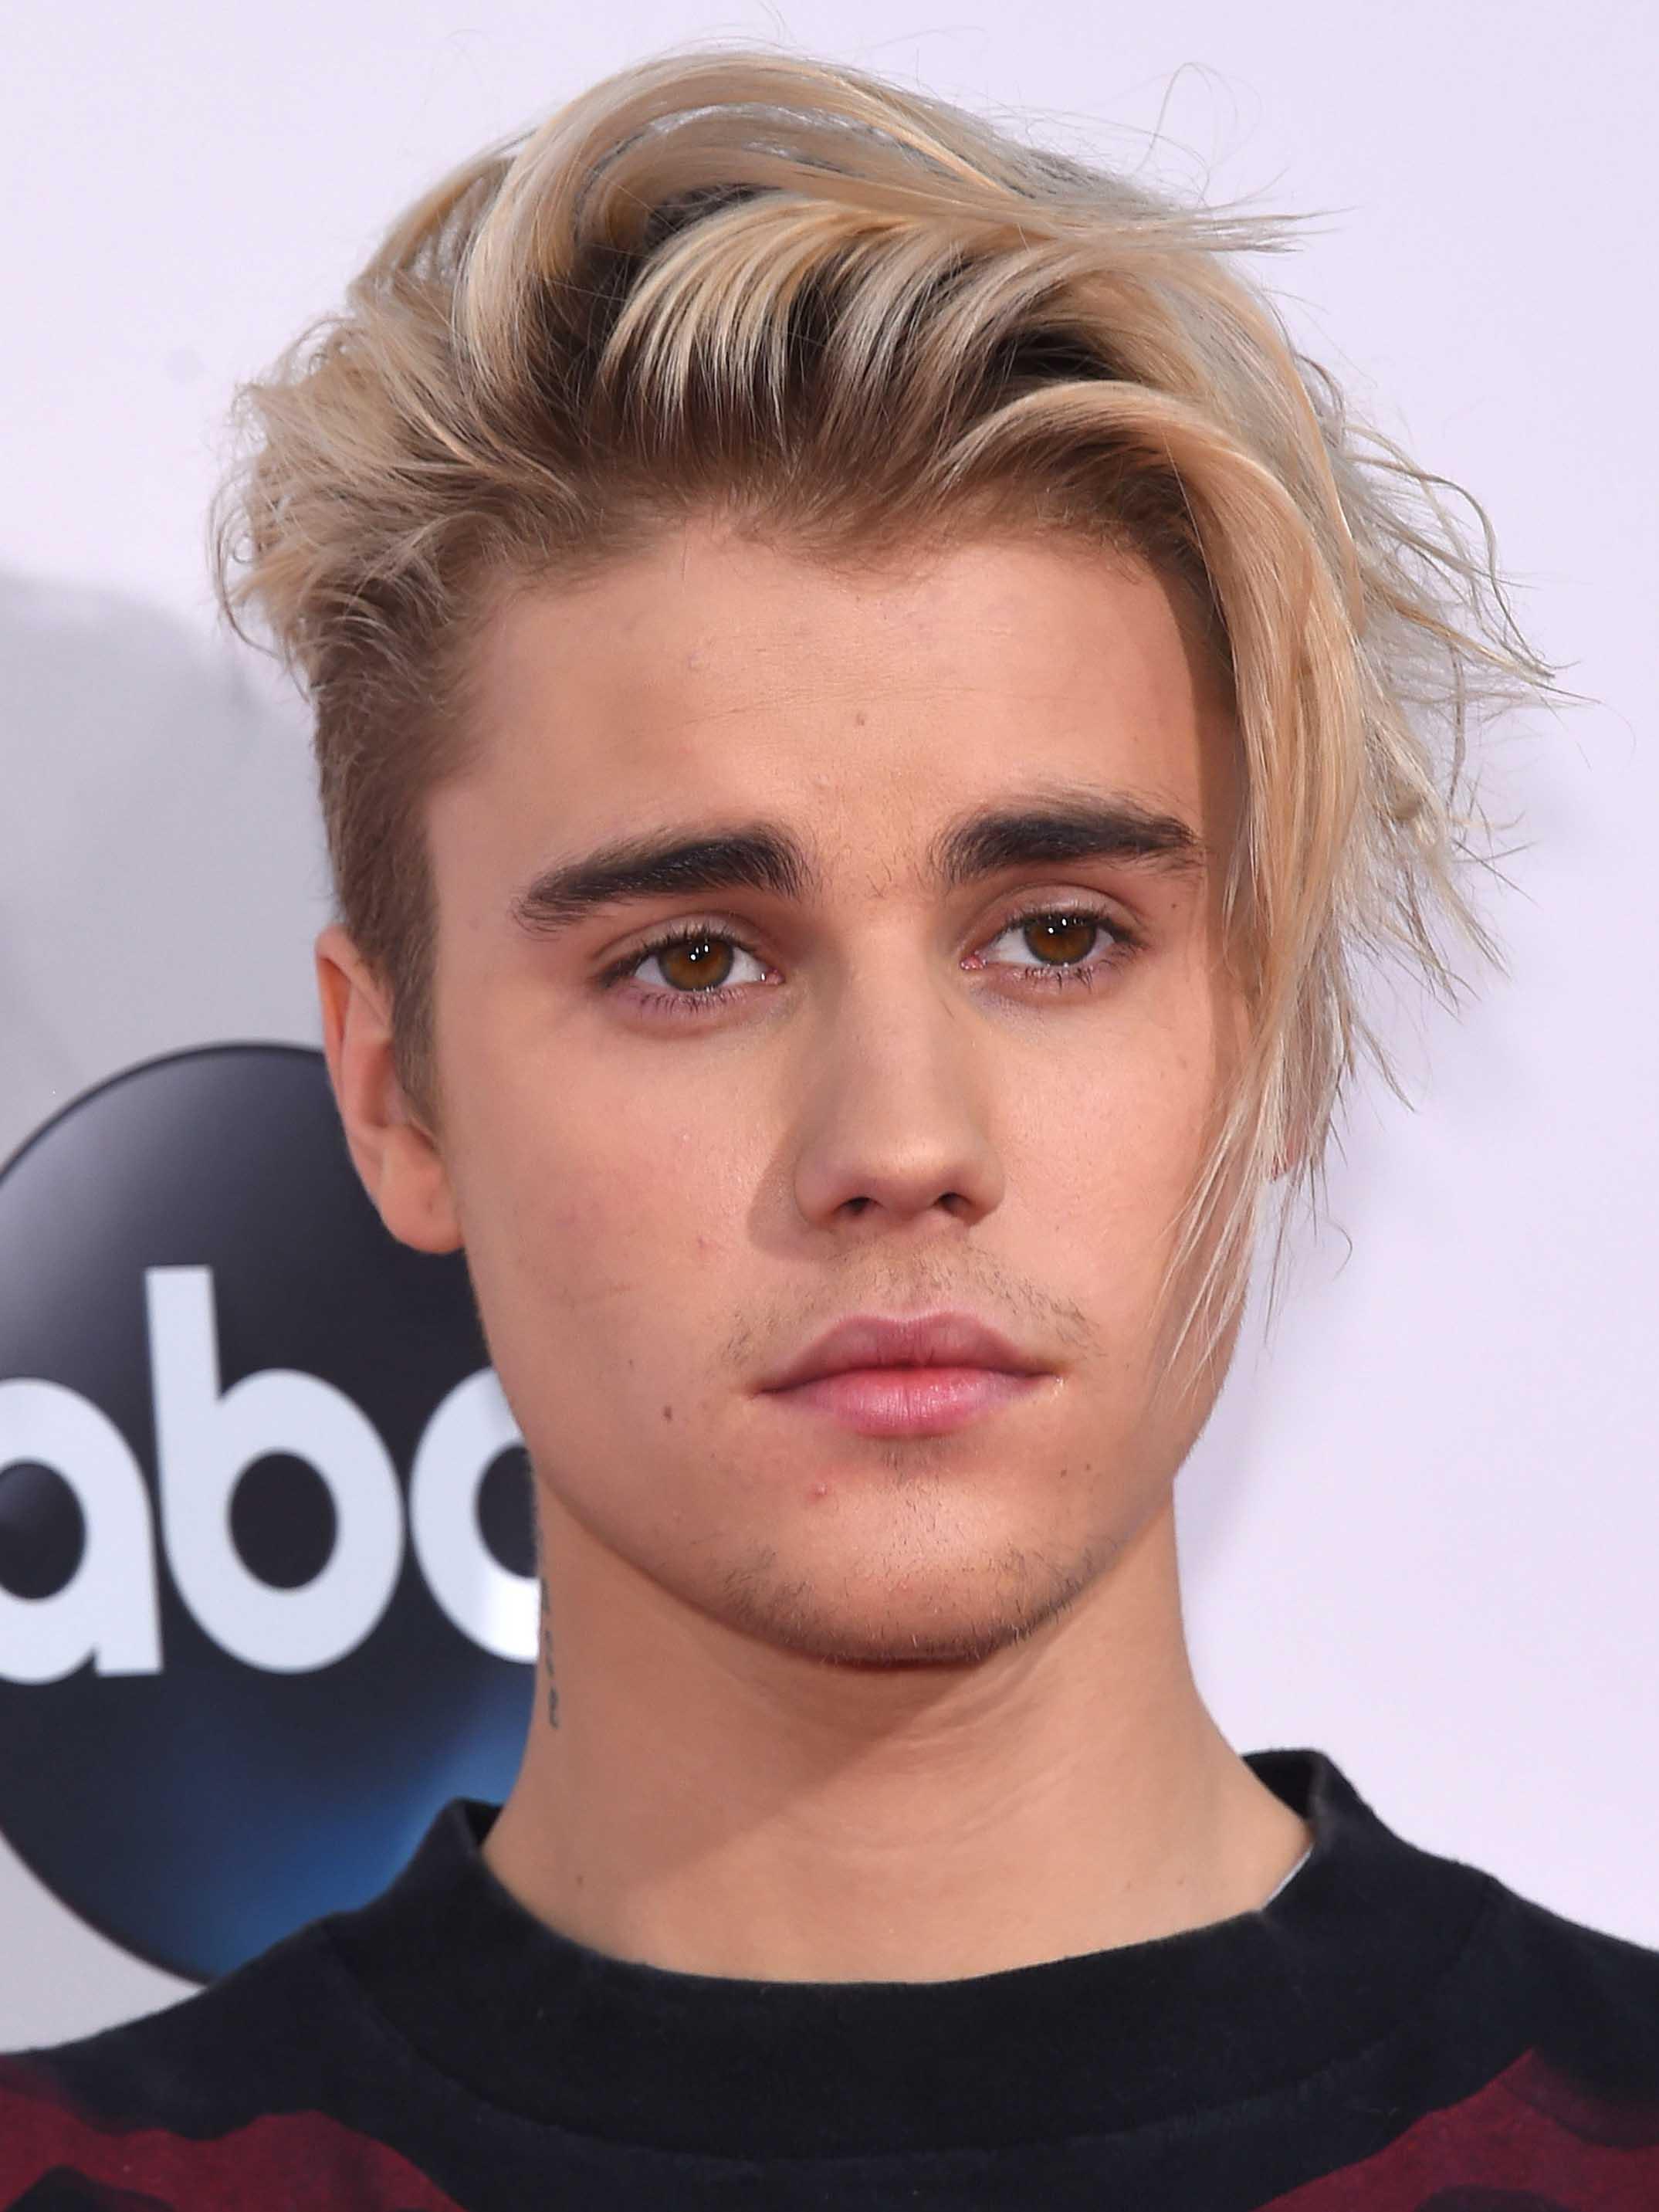 Latura lui Justin Bieber a măcinat vopseaua